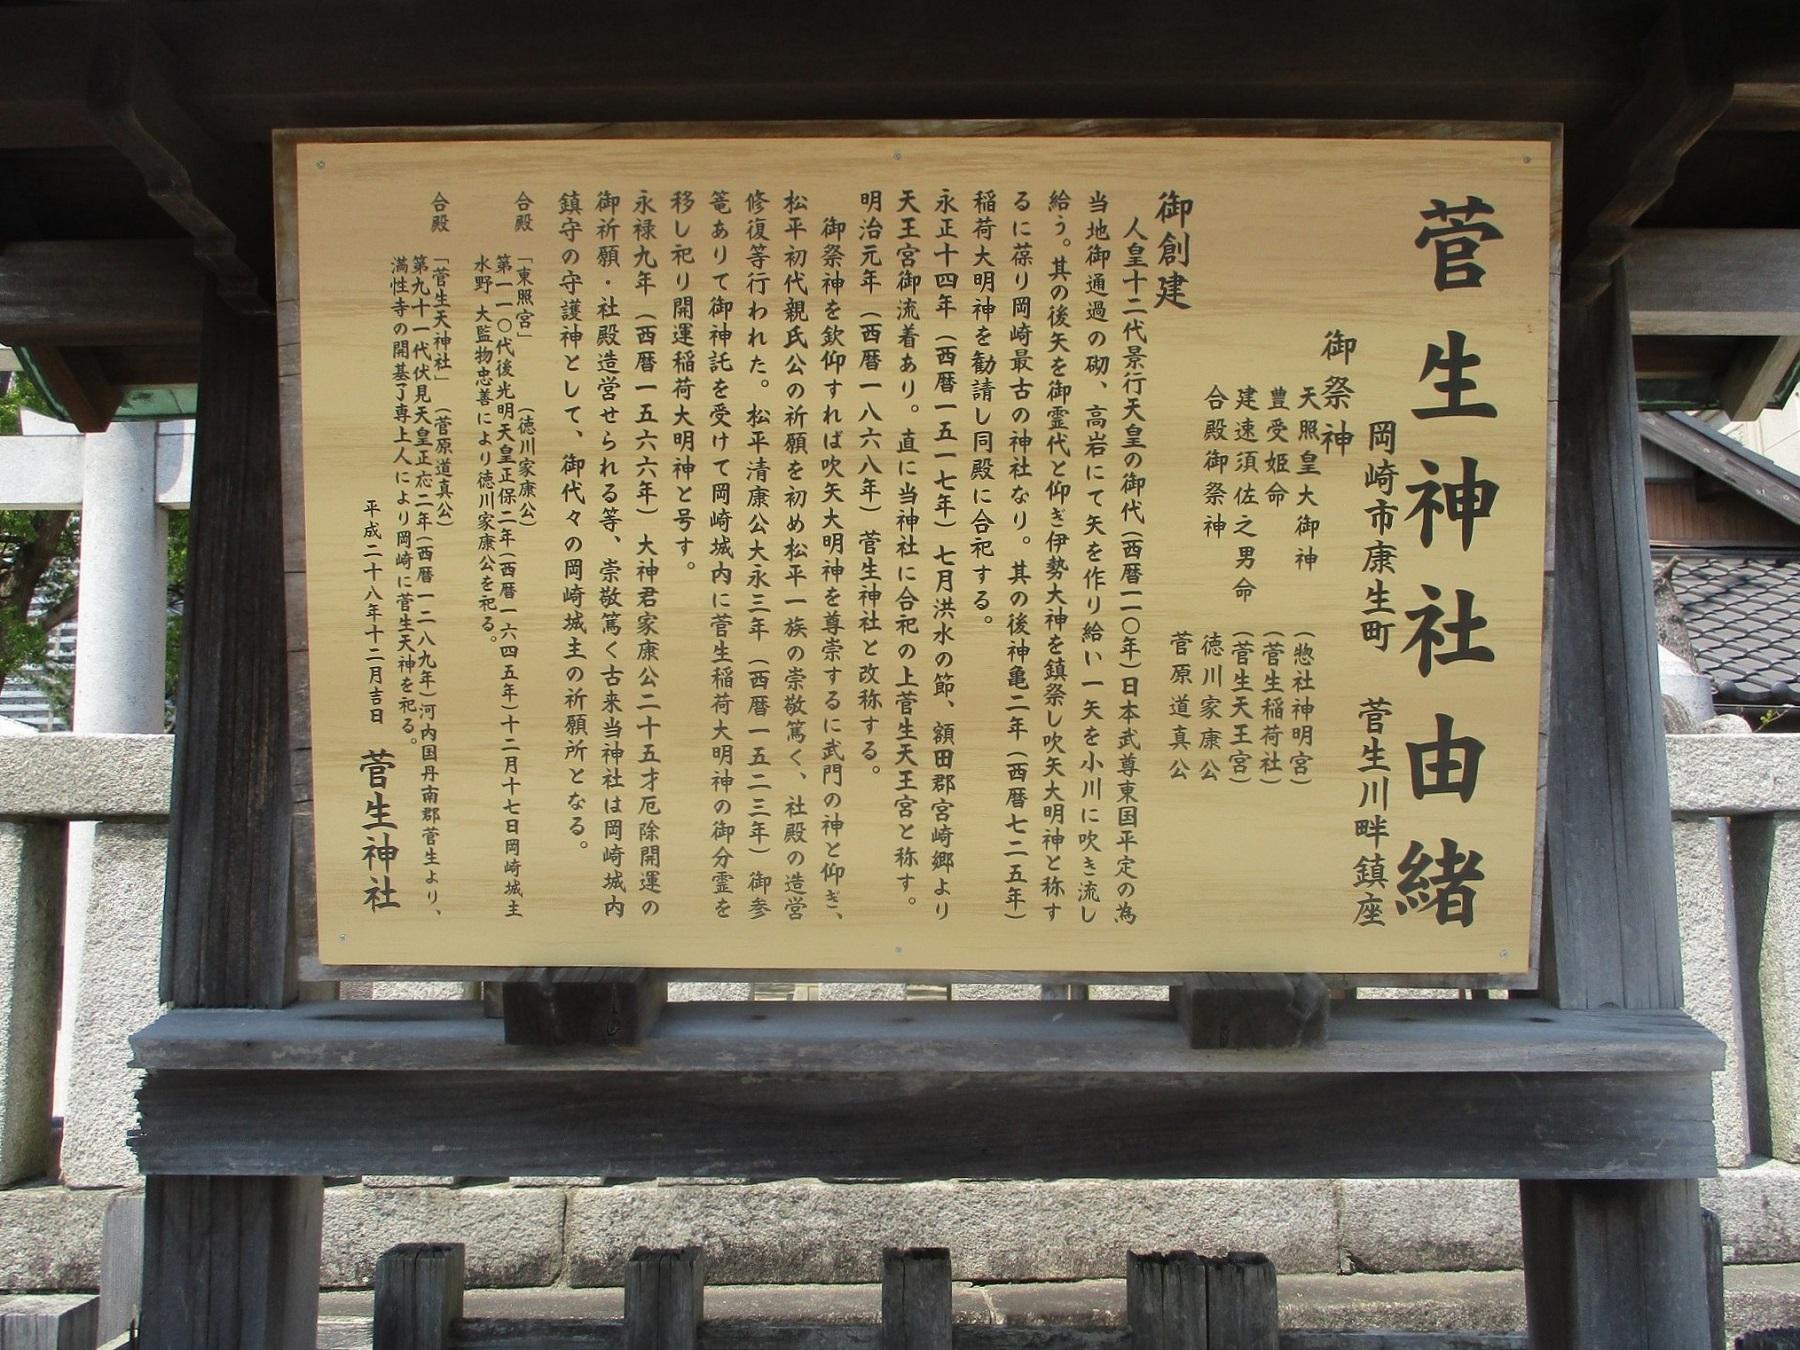 2020.4.29 (9) 菅生神社 - 由緒がき 1800-1350